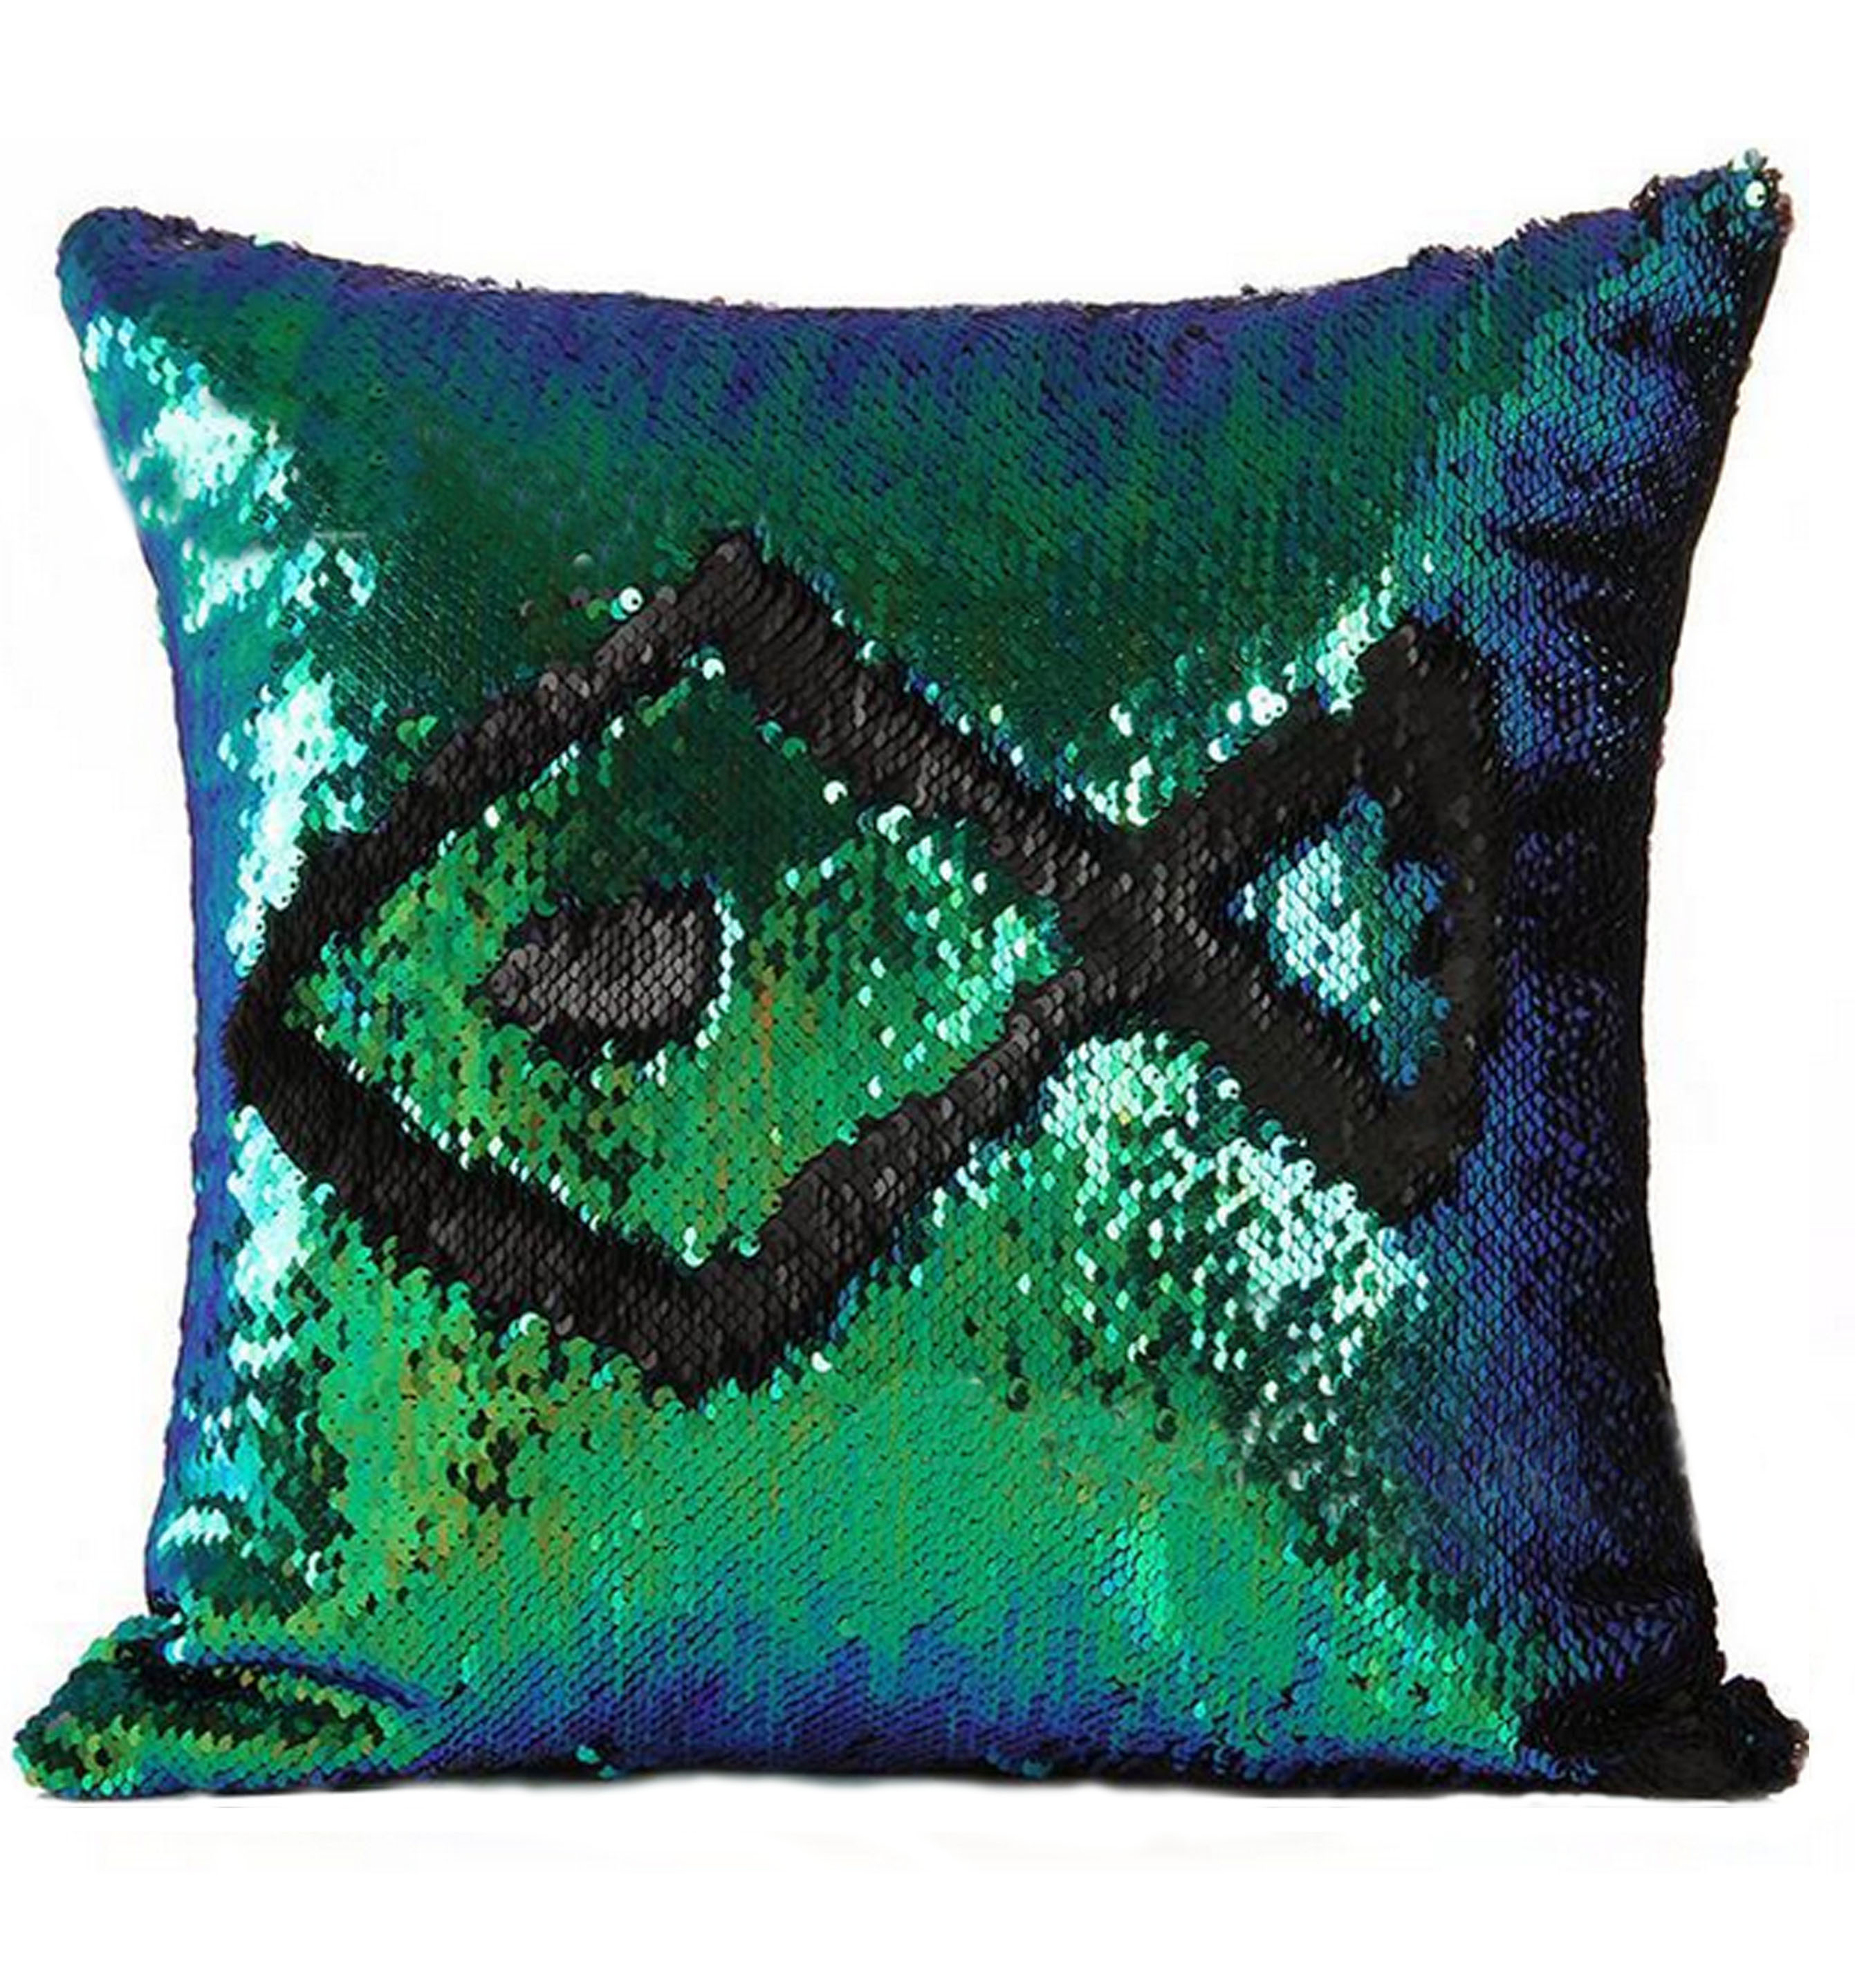 цена Декоративные подушки Good Mood Декоративная подушка с пайетками Magic Shine Цвет: Черный Бриз (40х40) онлайн в 2017 году